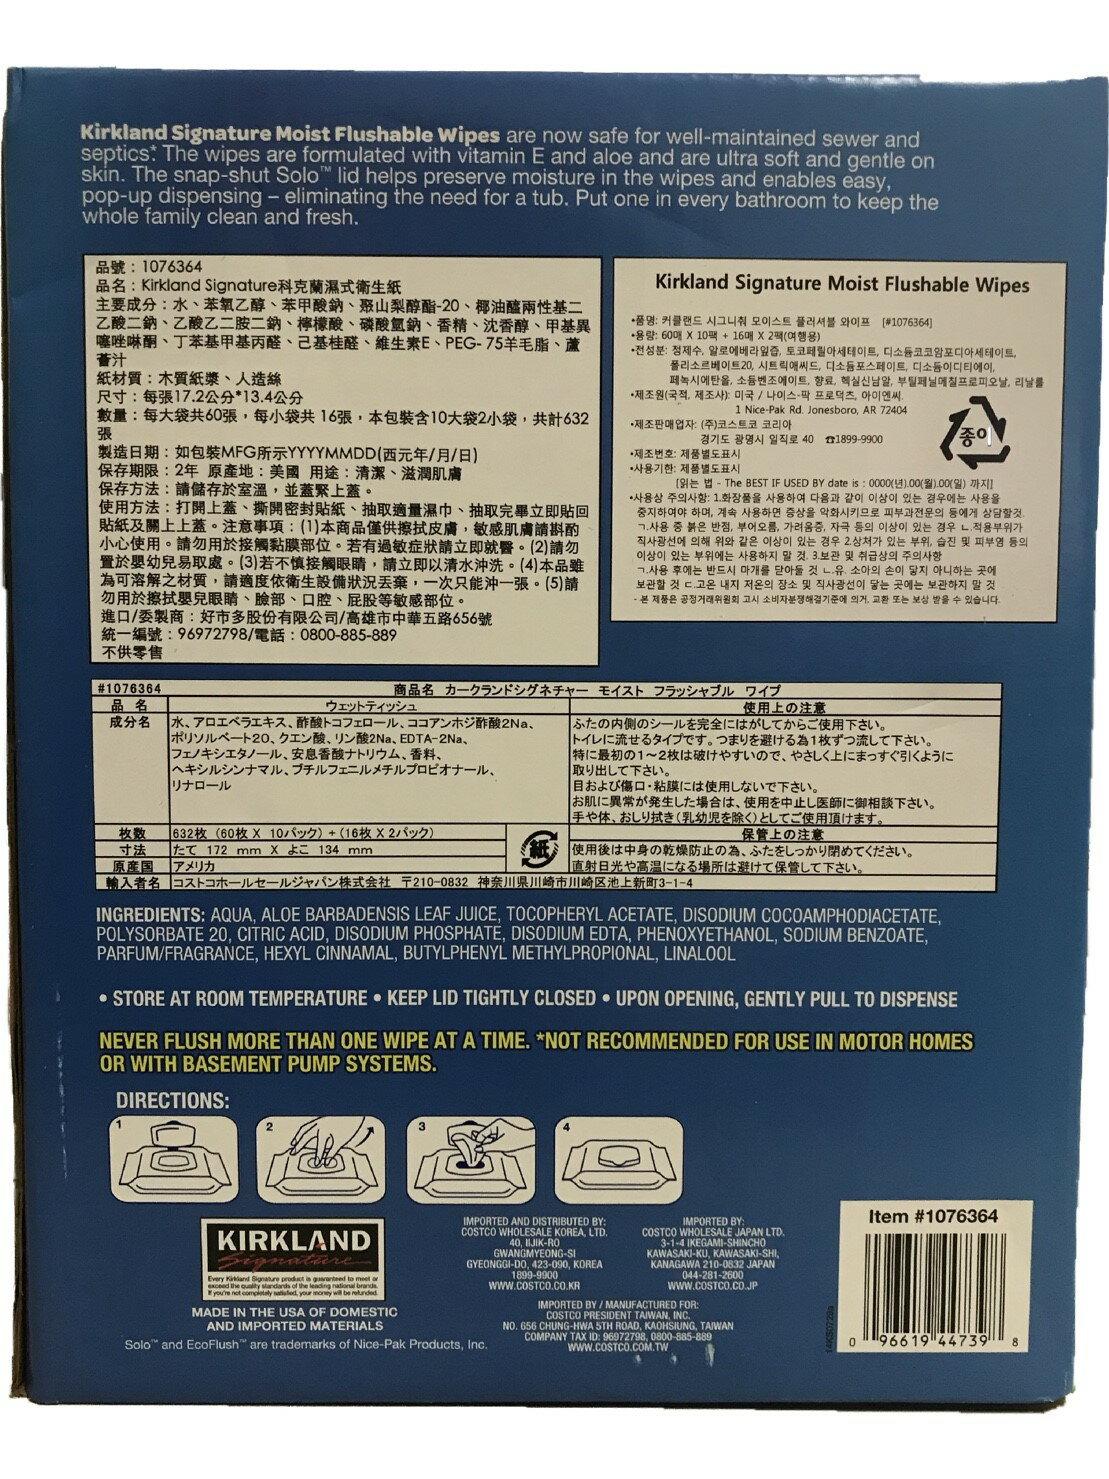 濕式衛生紙 Kirkland Signature 科克蘭濕式衛生紙 好市多 Costco 無添加酒精 超取限一箱 3